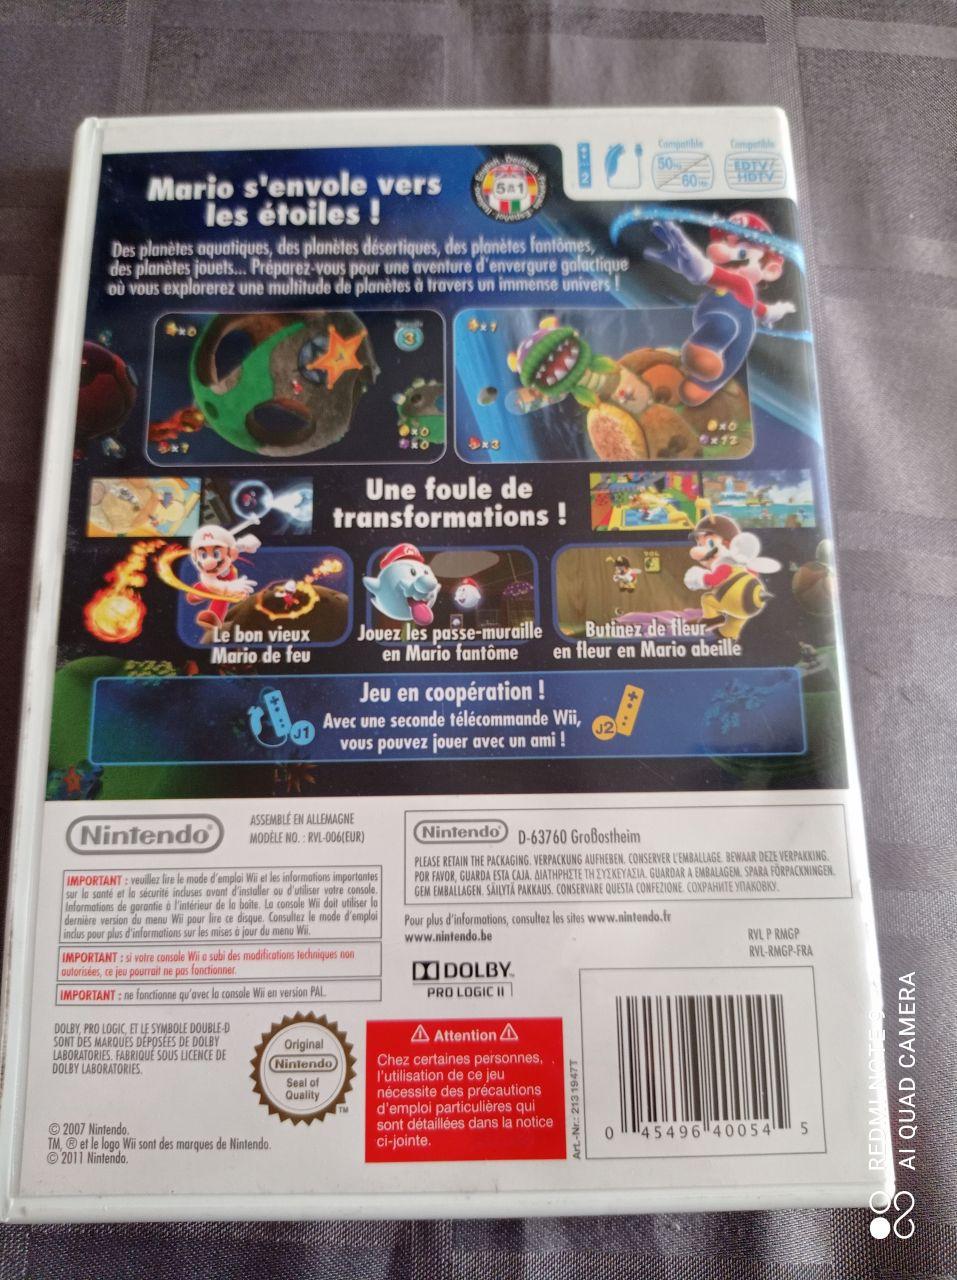 Image article Nintendo - Wii - Super Mario galaxy